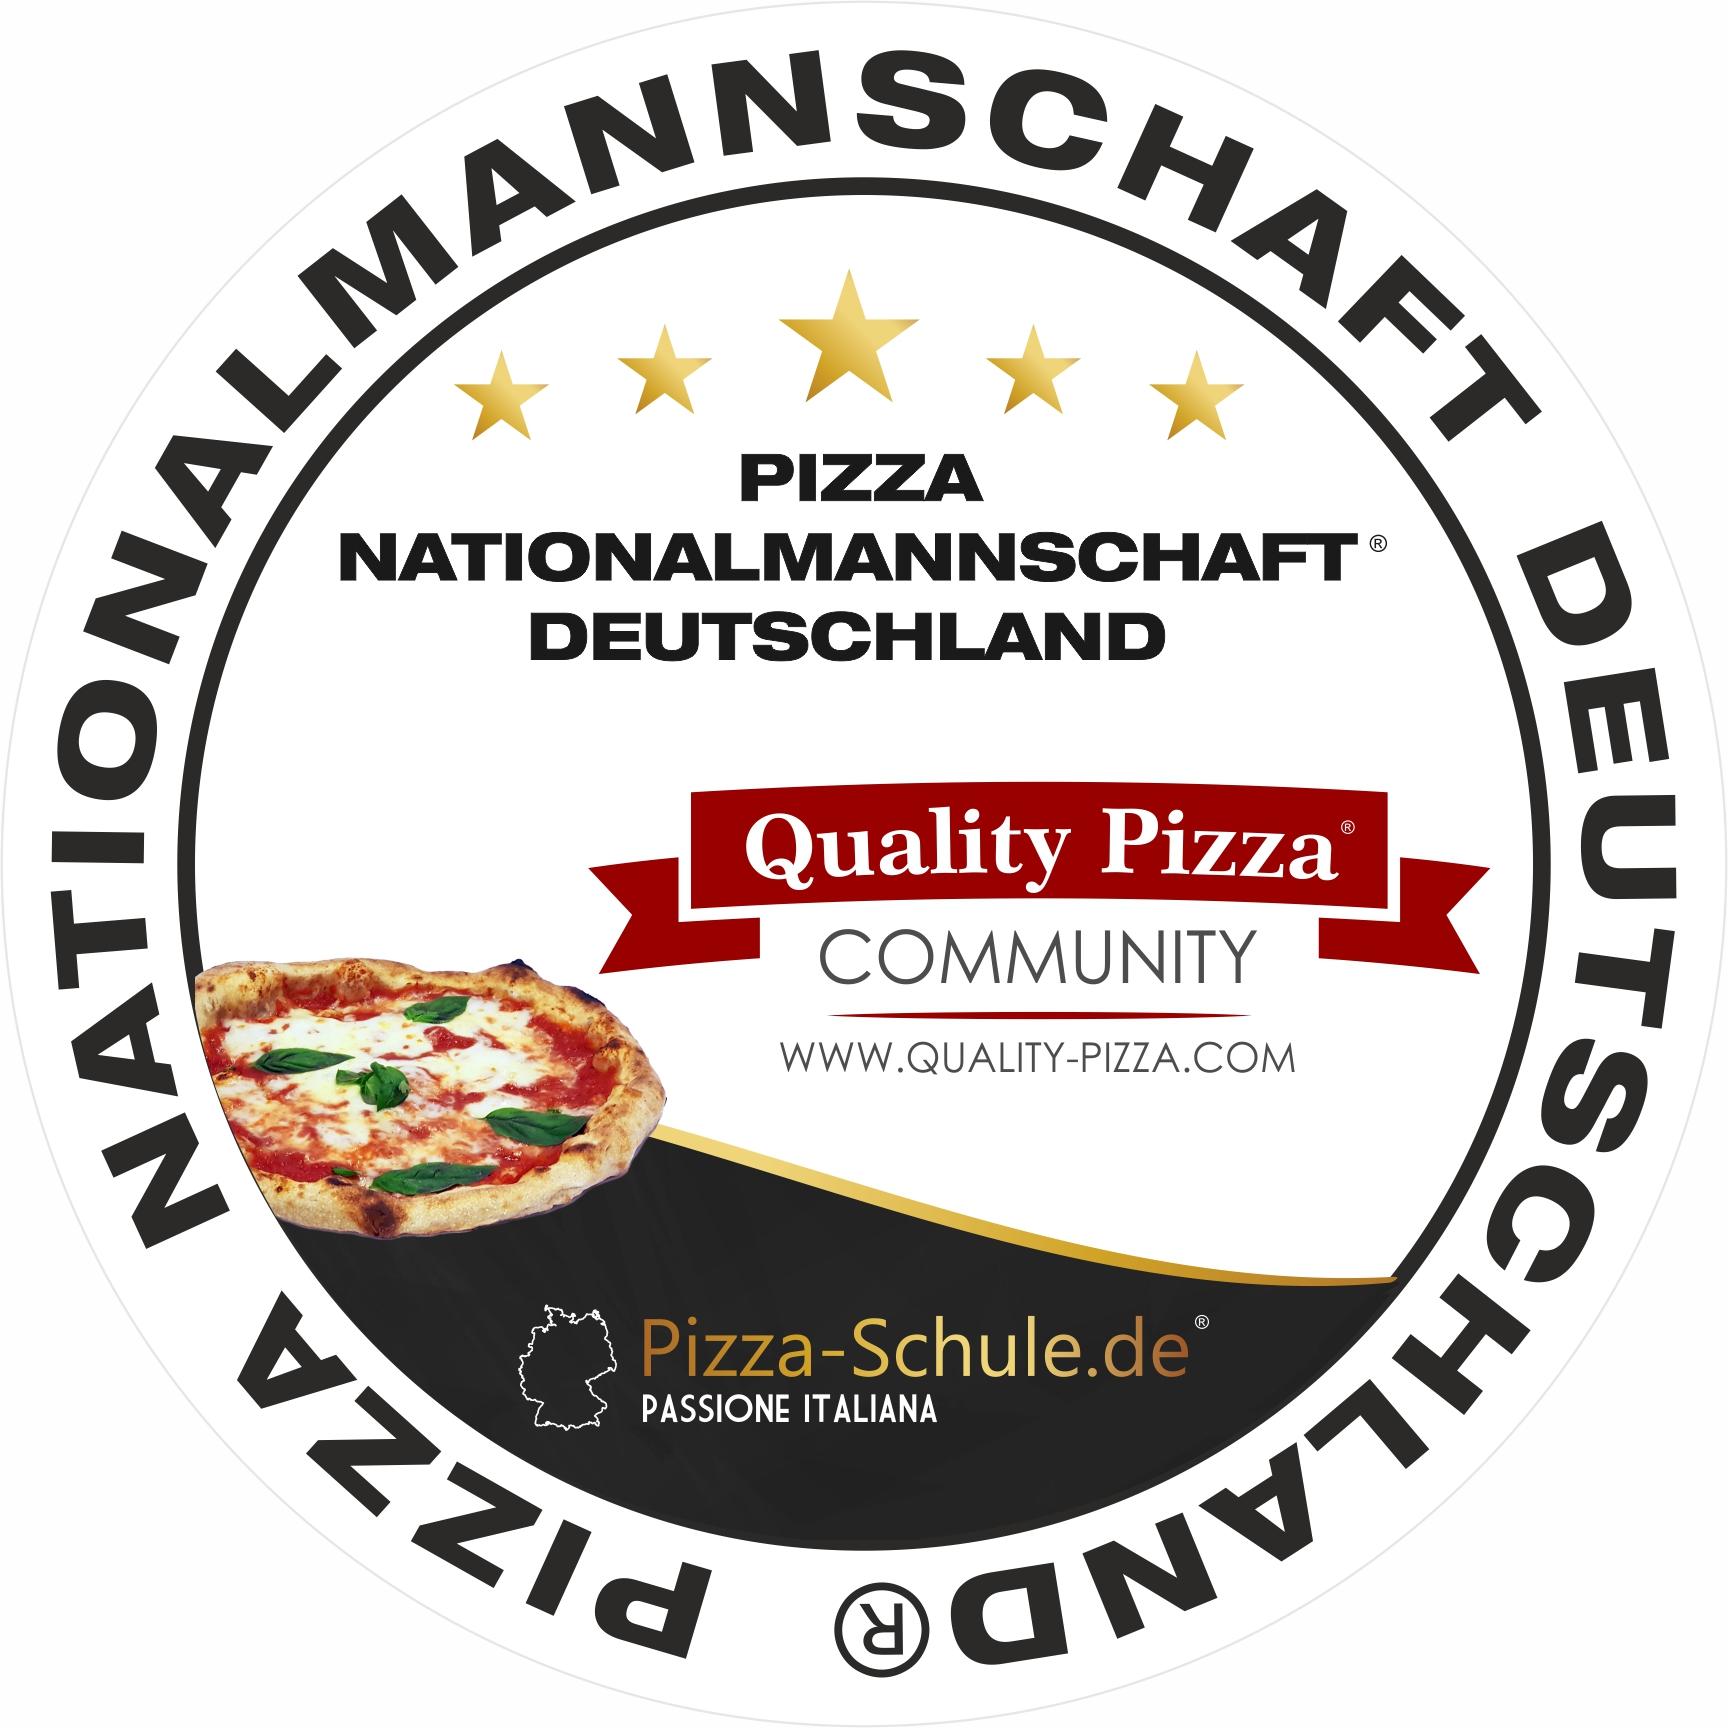 Pizza Nationalmannschaft Deutschland